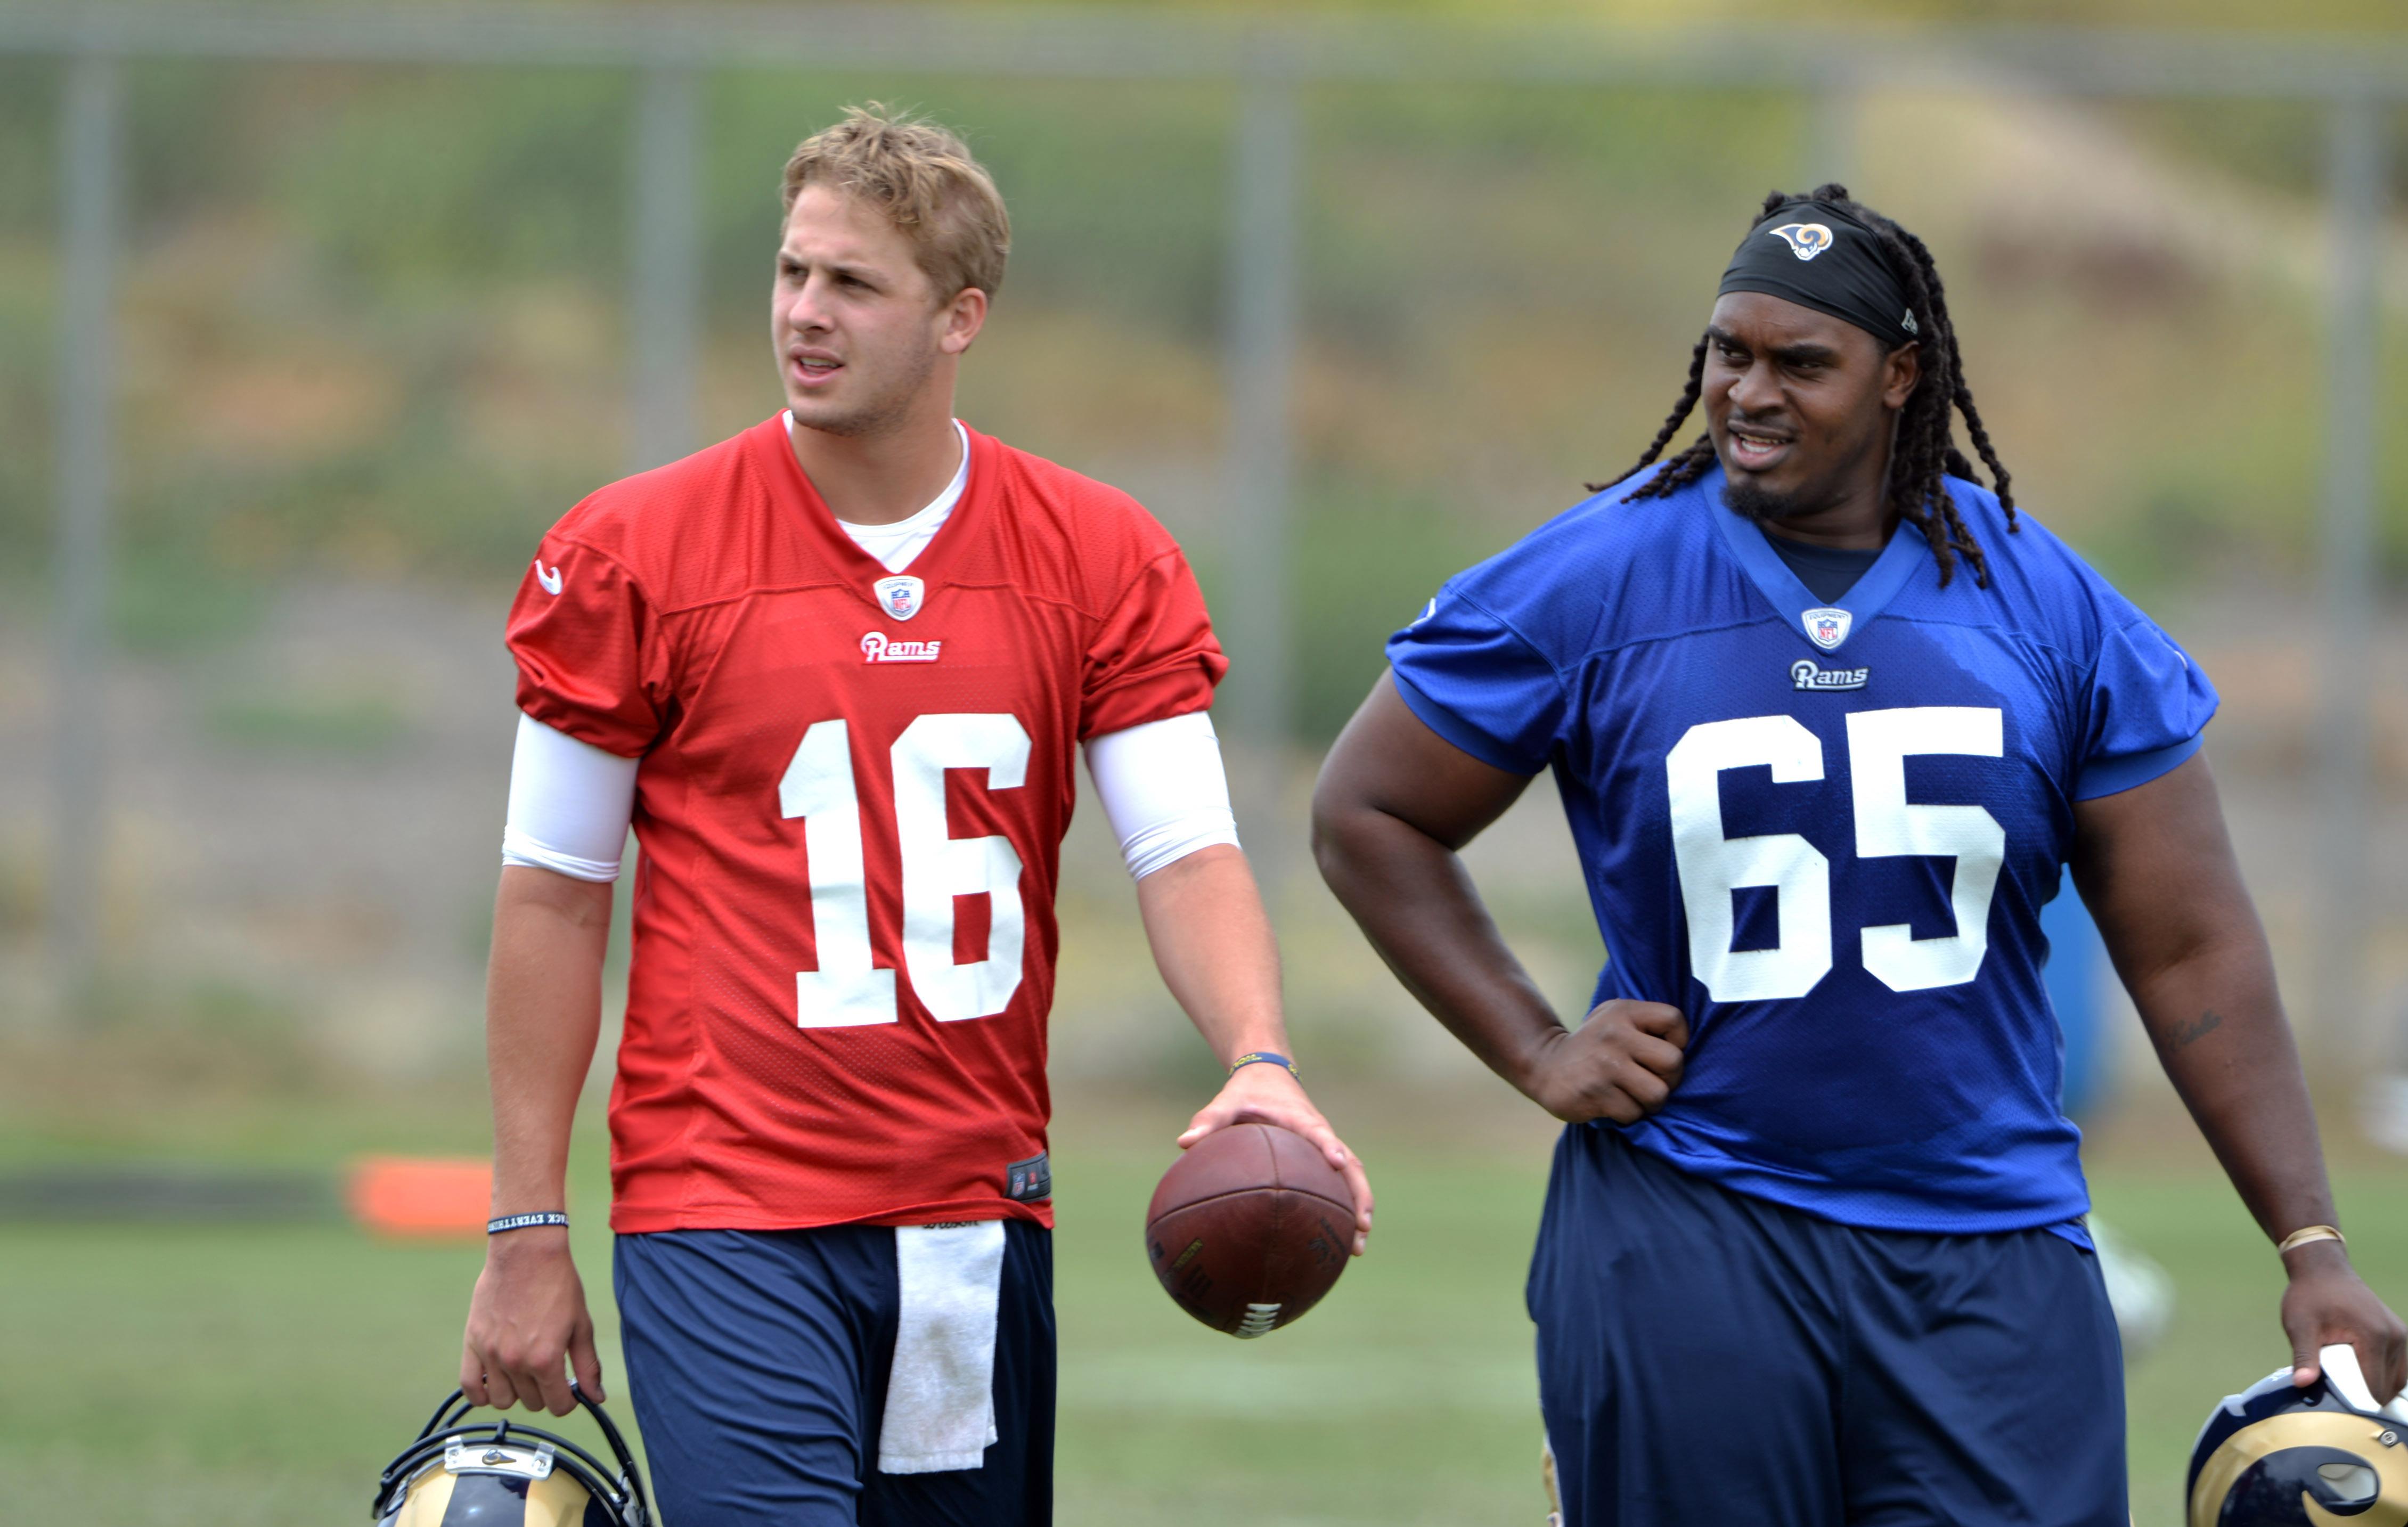 Los Angeles Rams QB Jared Goff & C Demetrius Rhaney